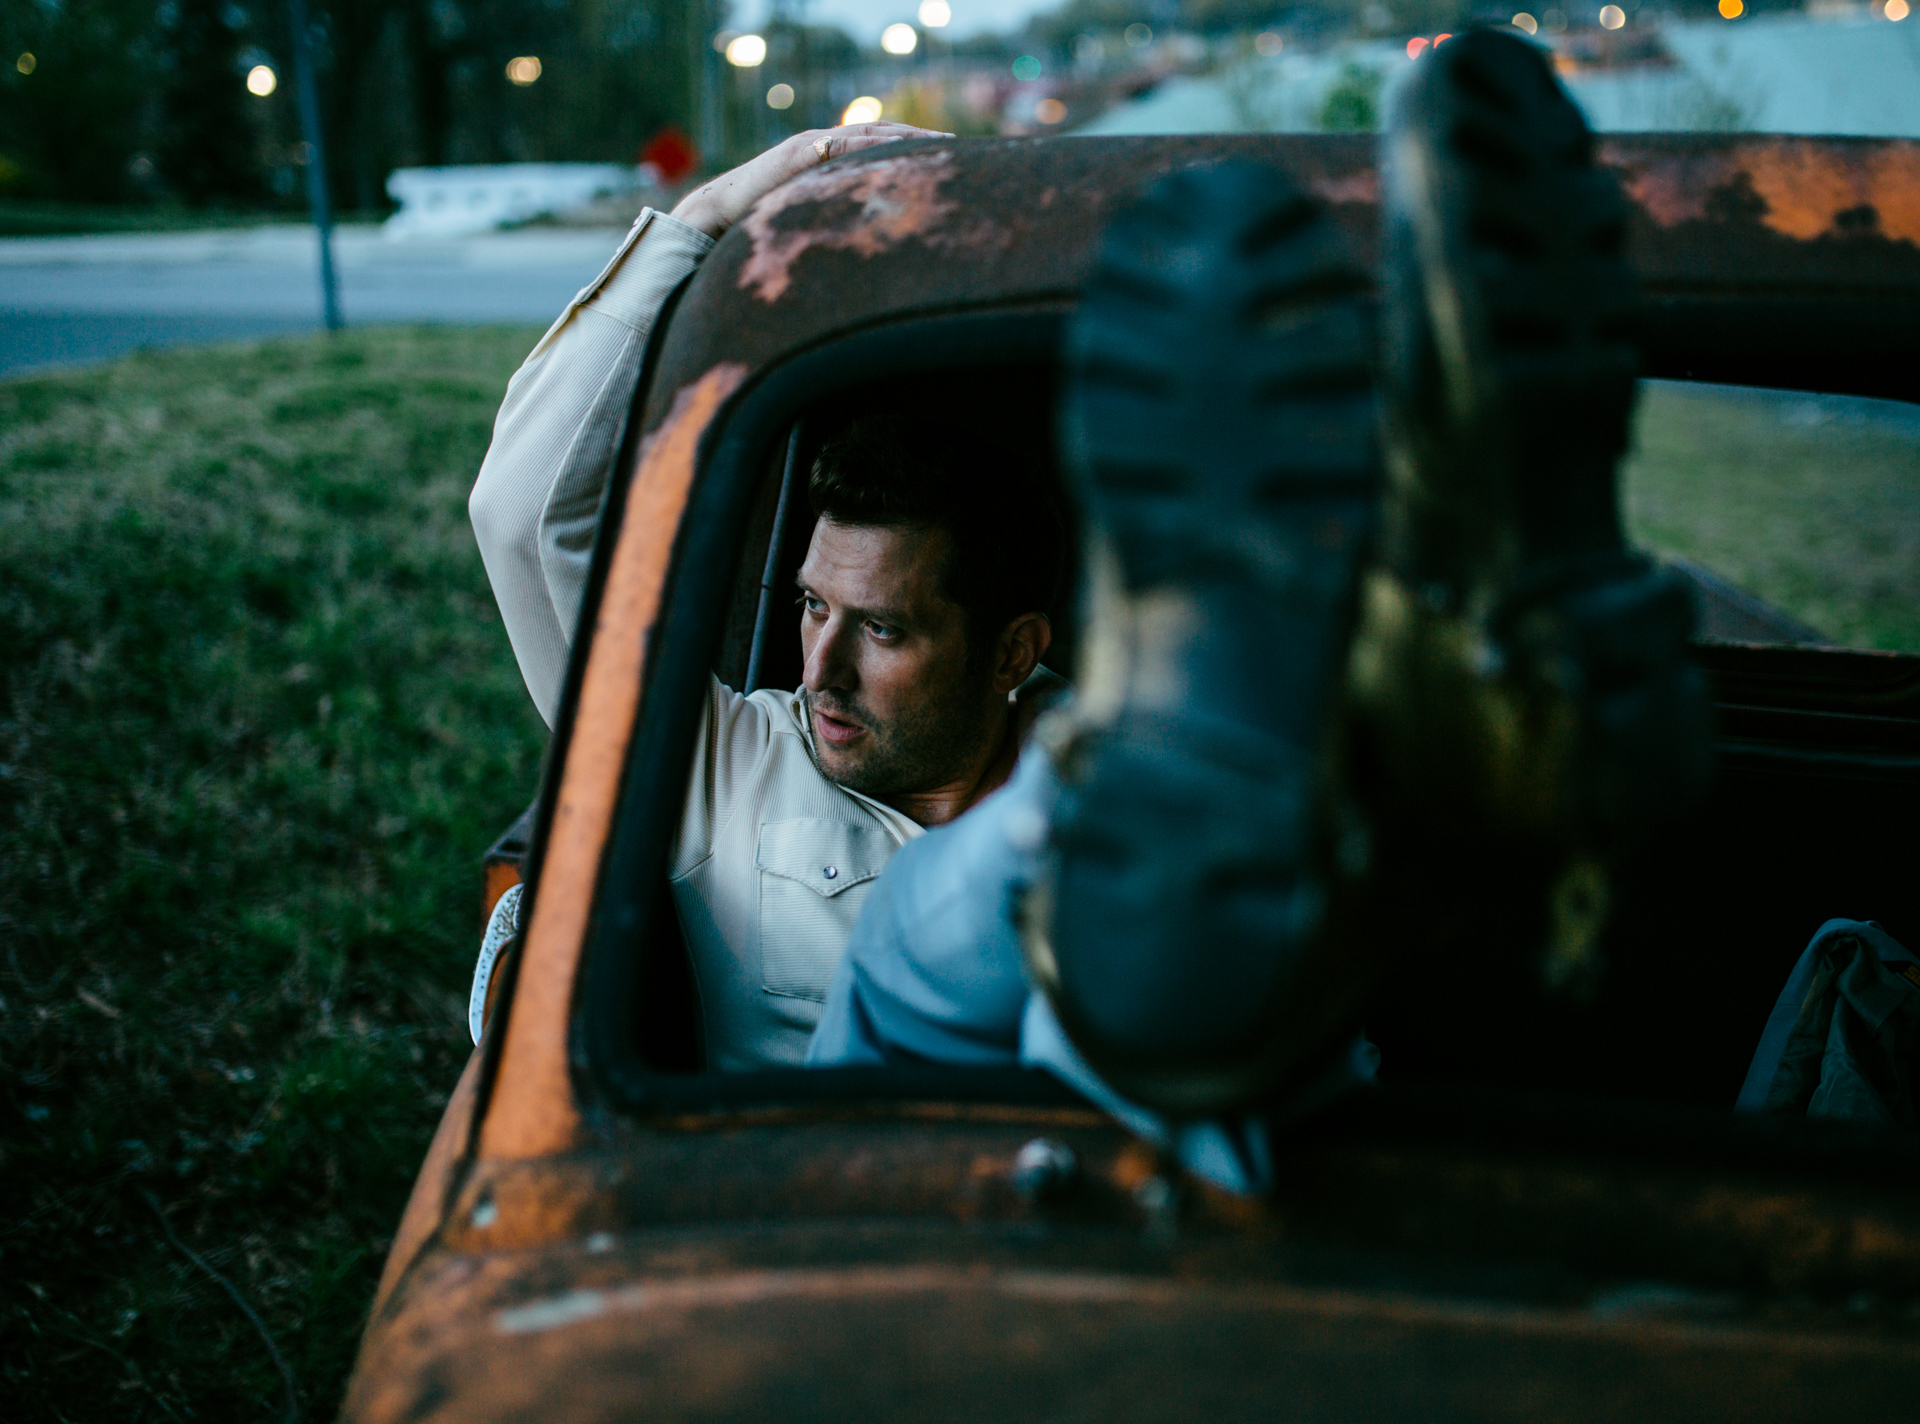 Jason-kutchma-musician-photography-72.jpg